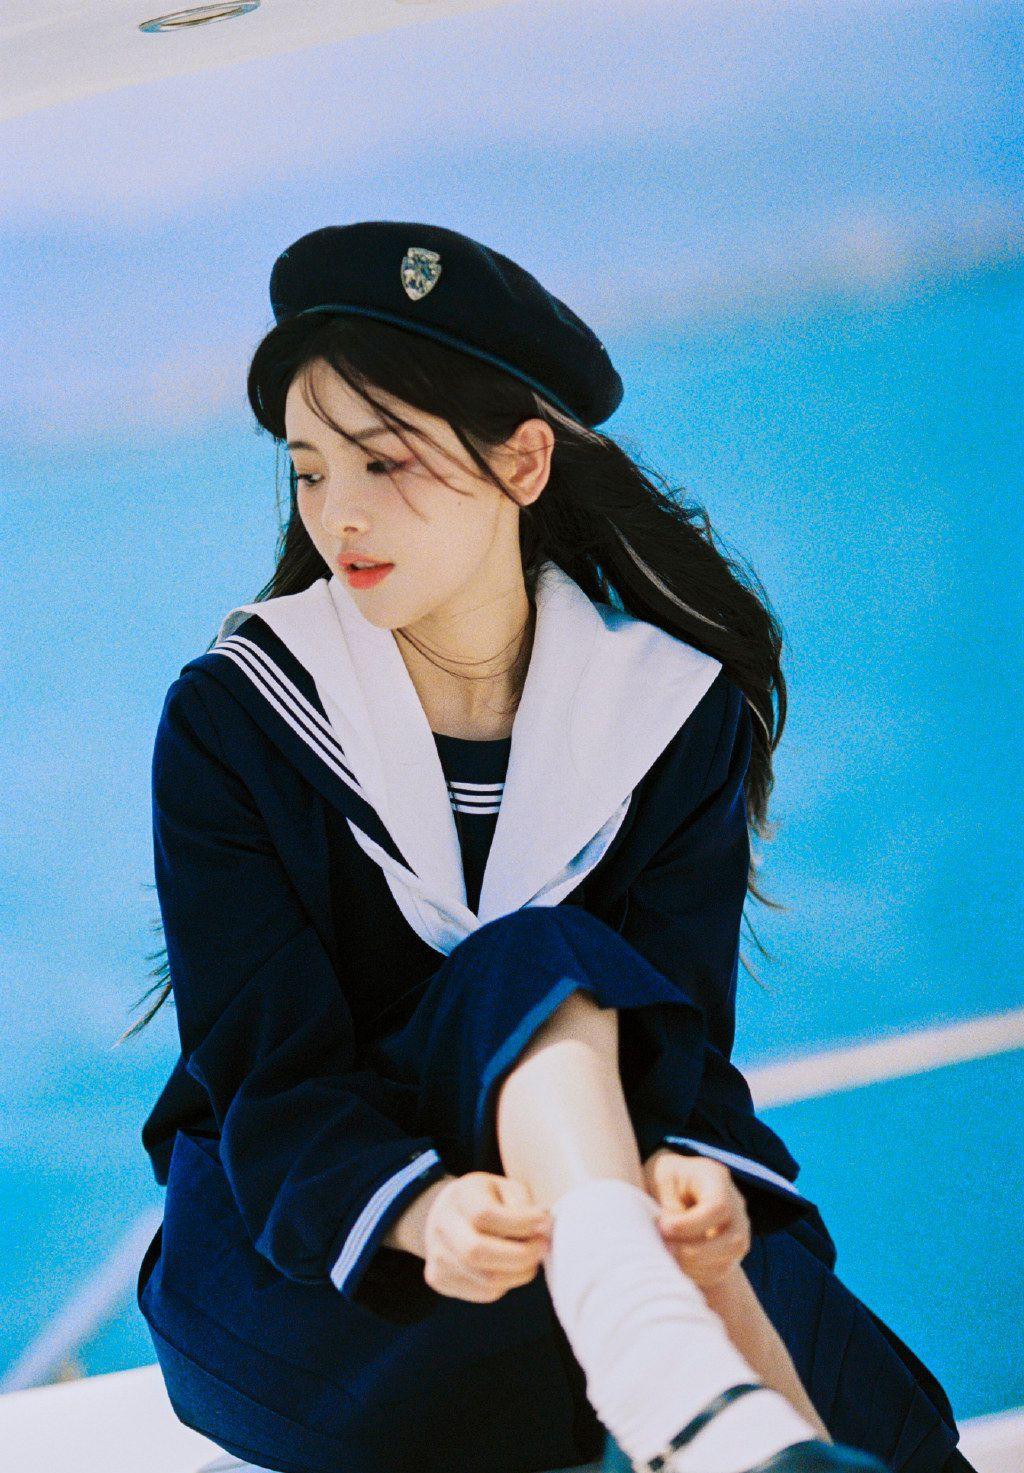 杨超越水手制服装清新氧气写真图片